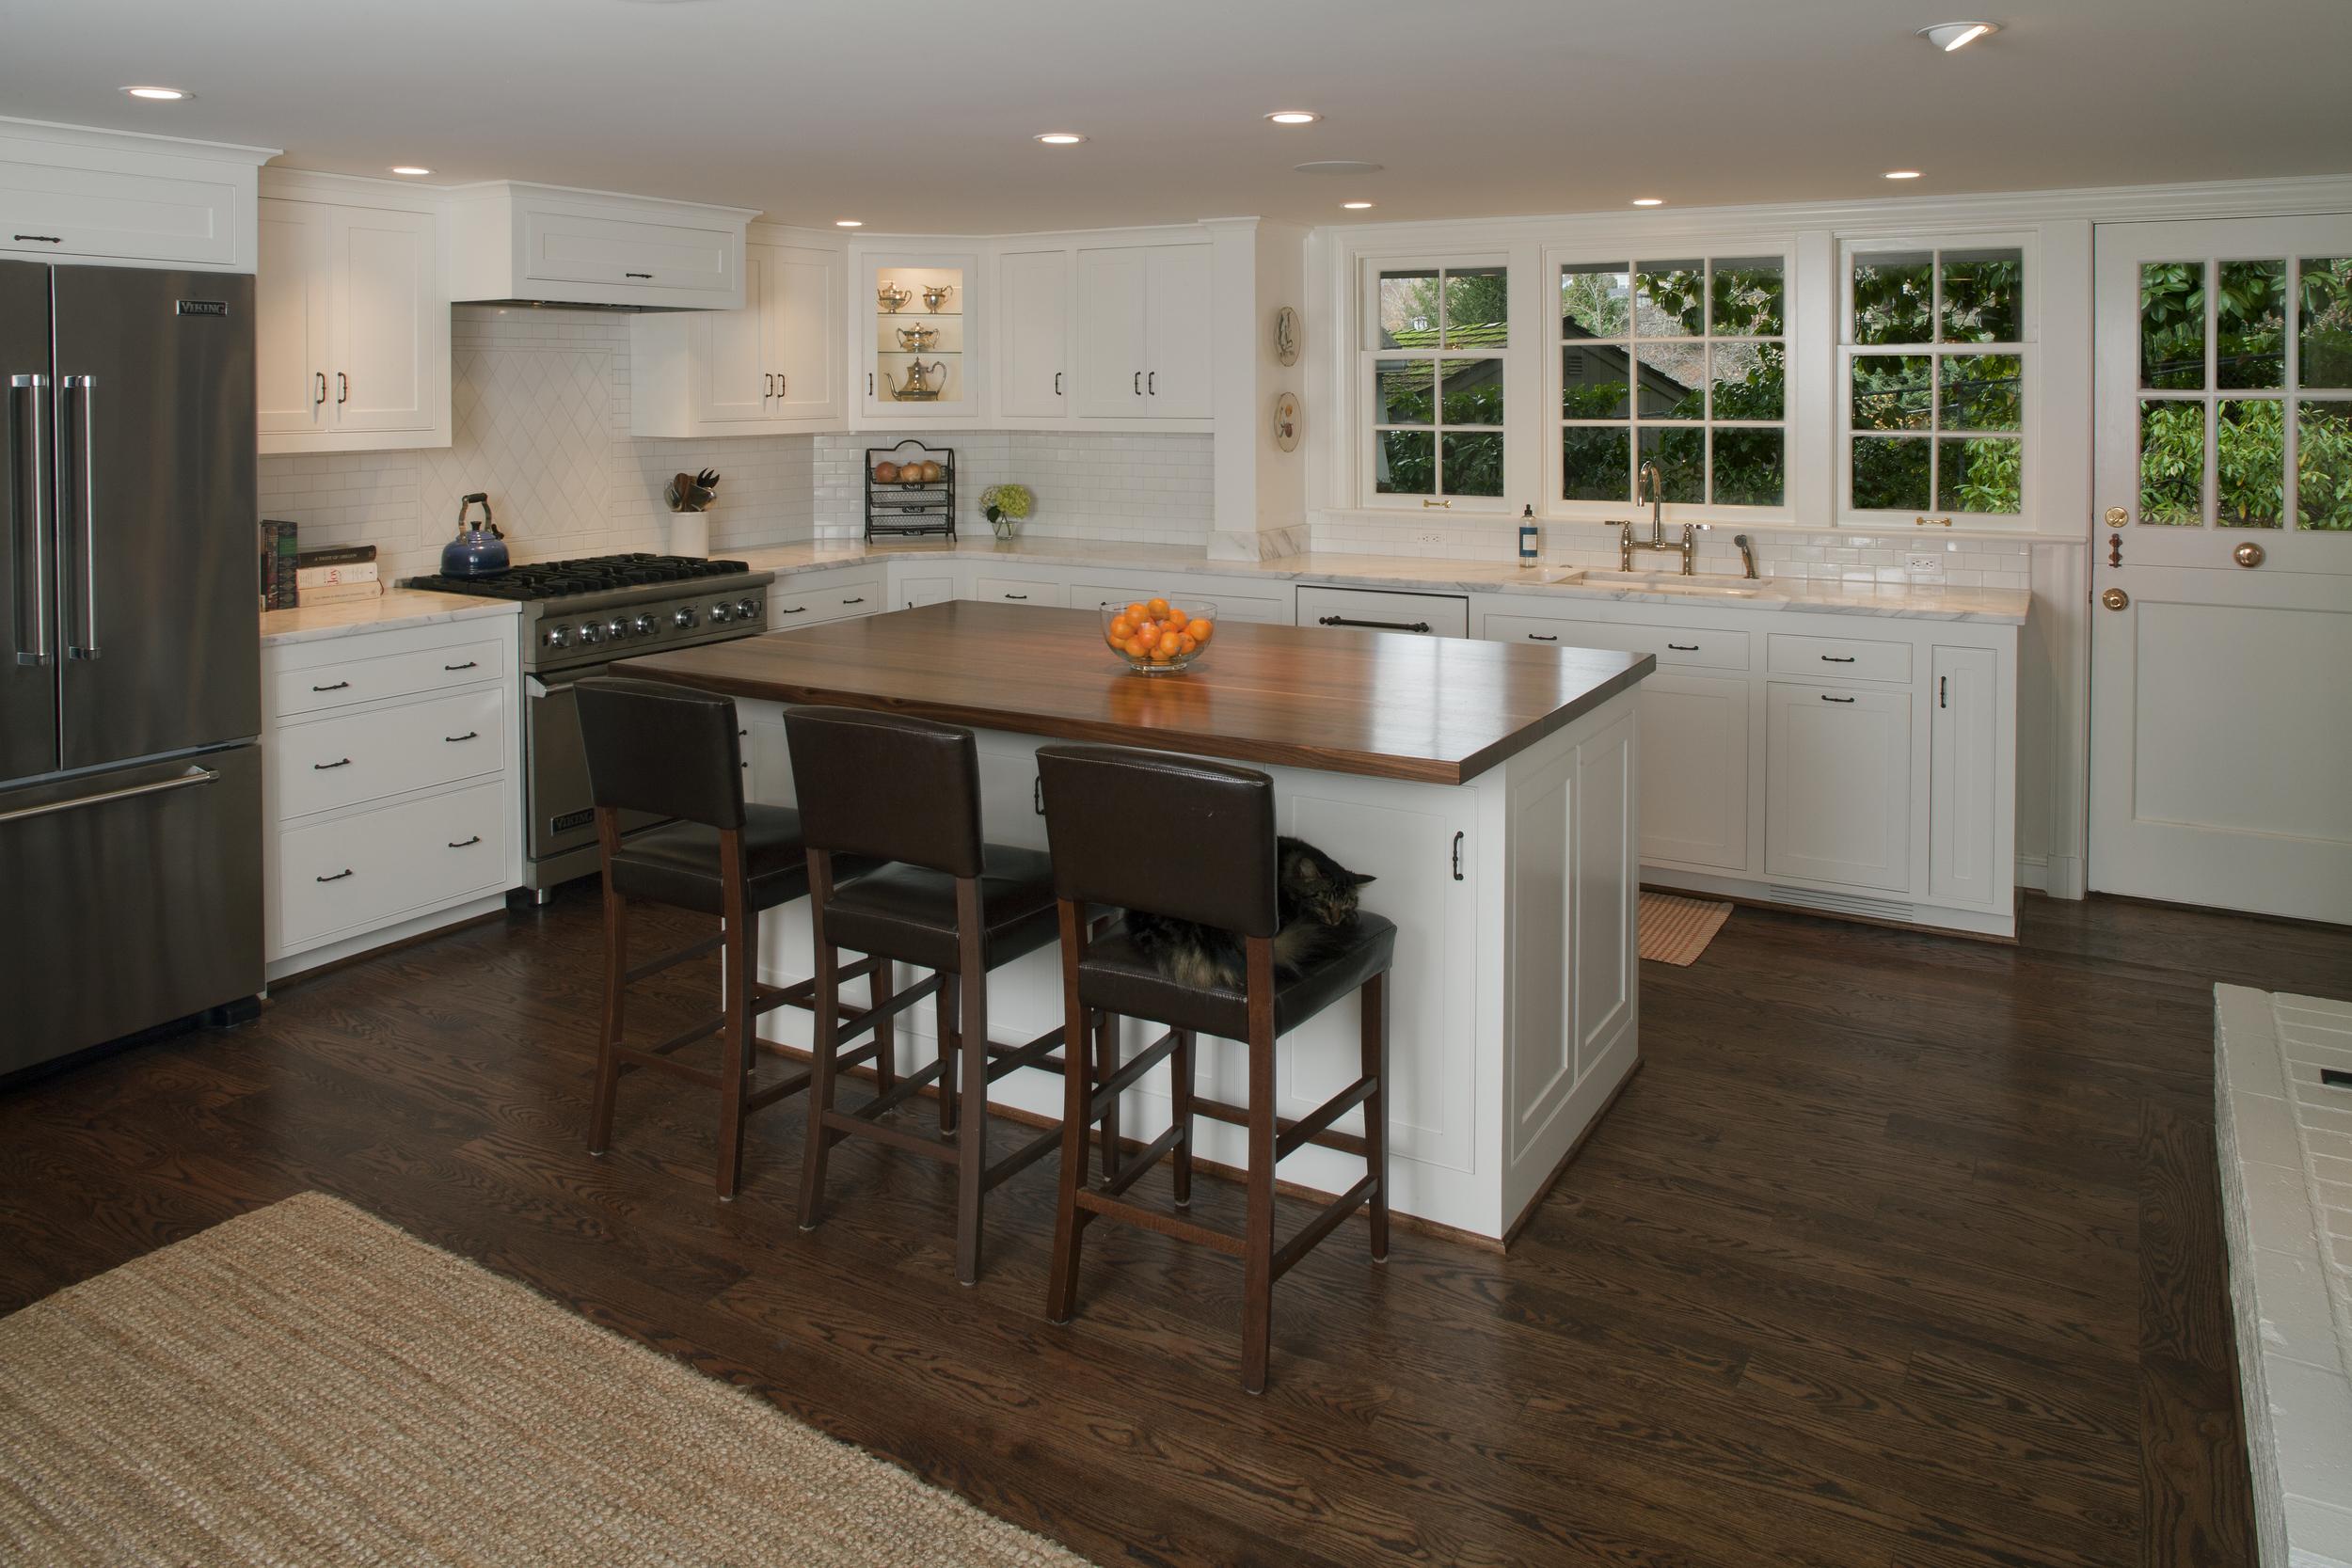 Kitchen_1_original.jpg